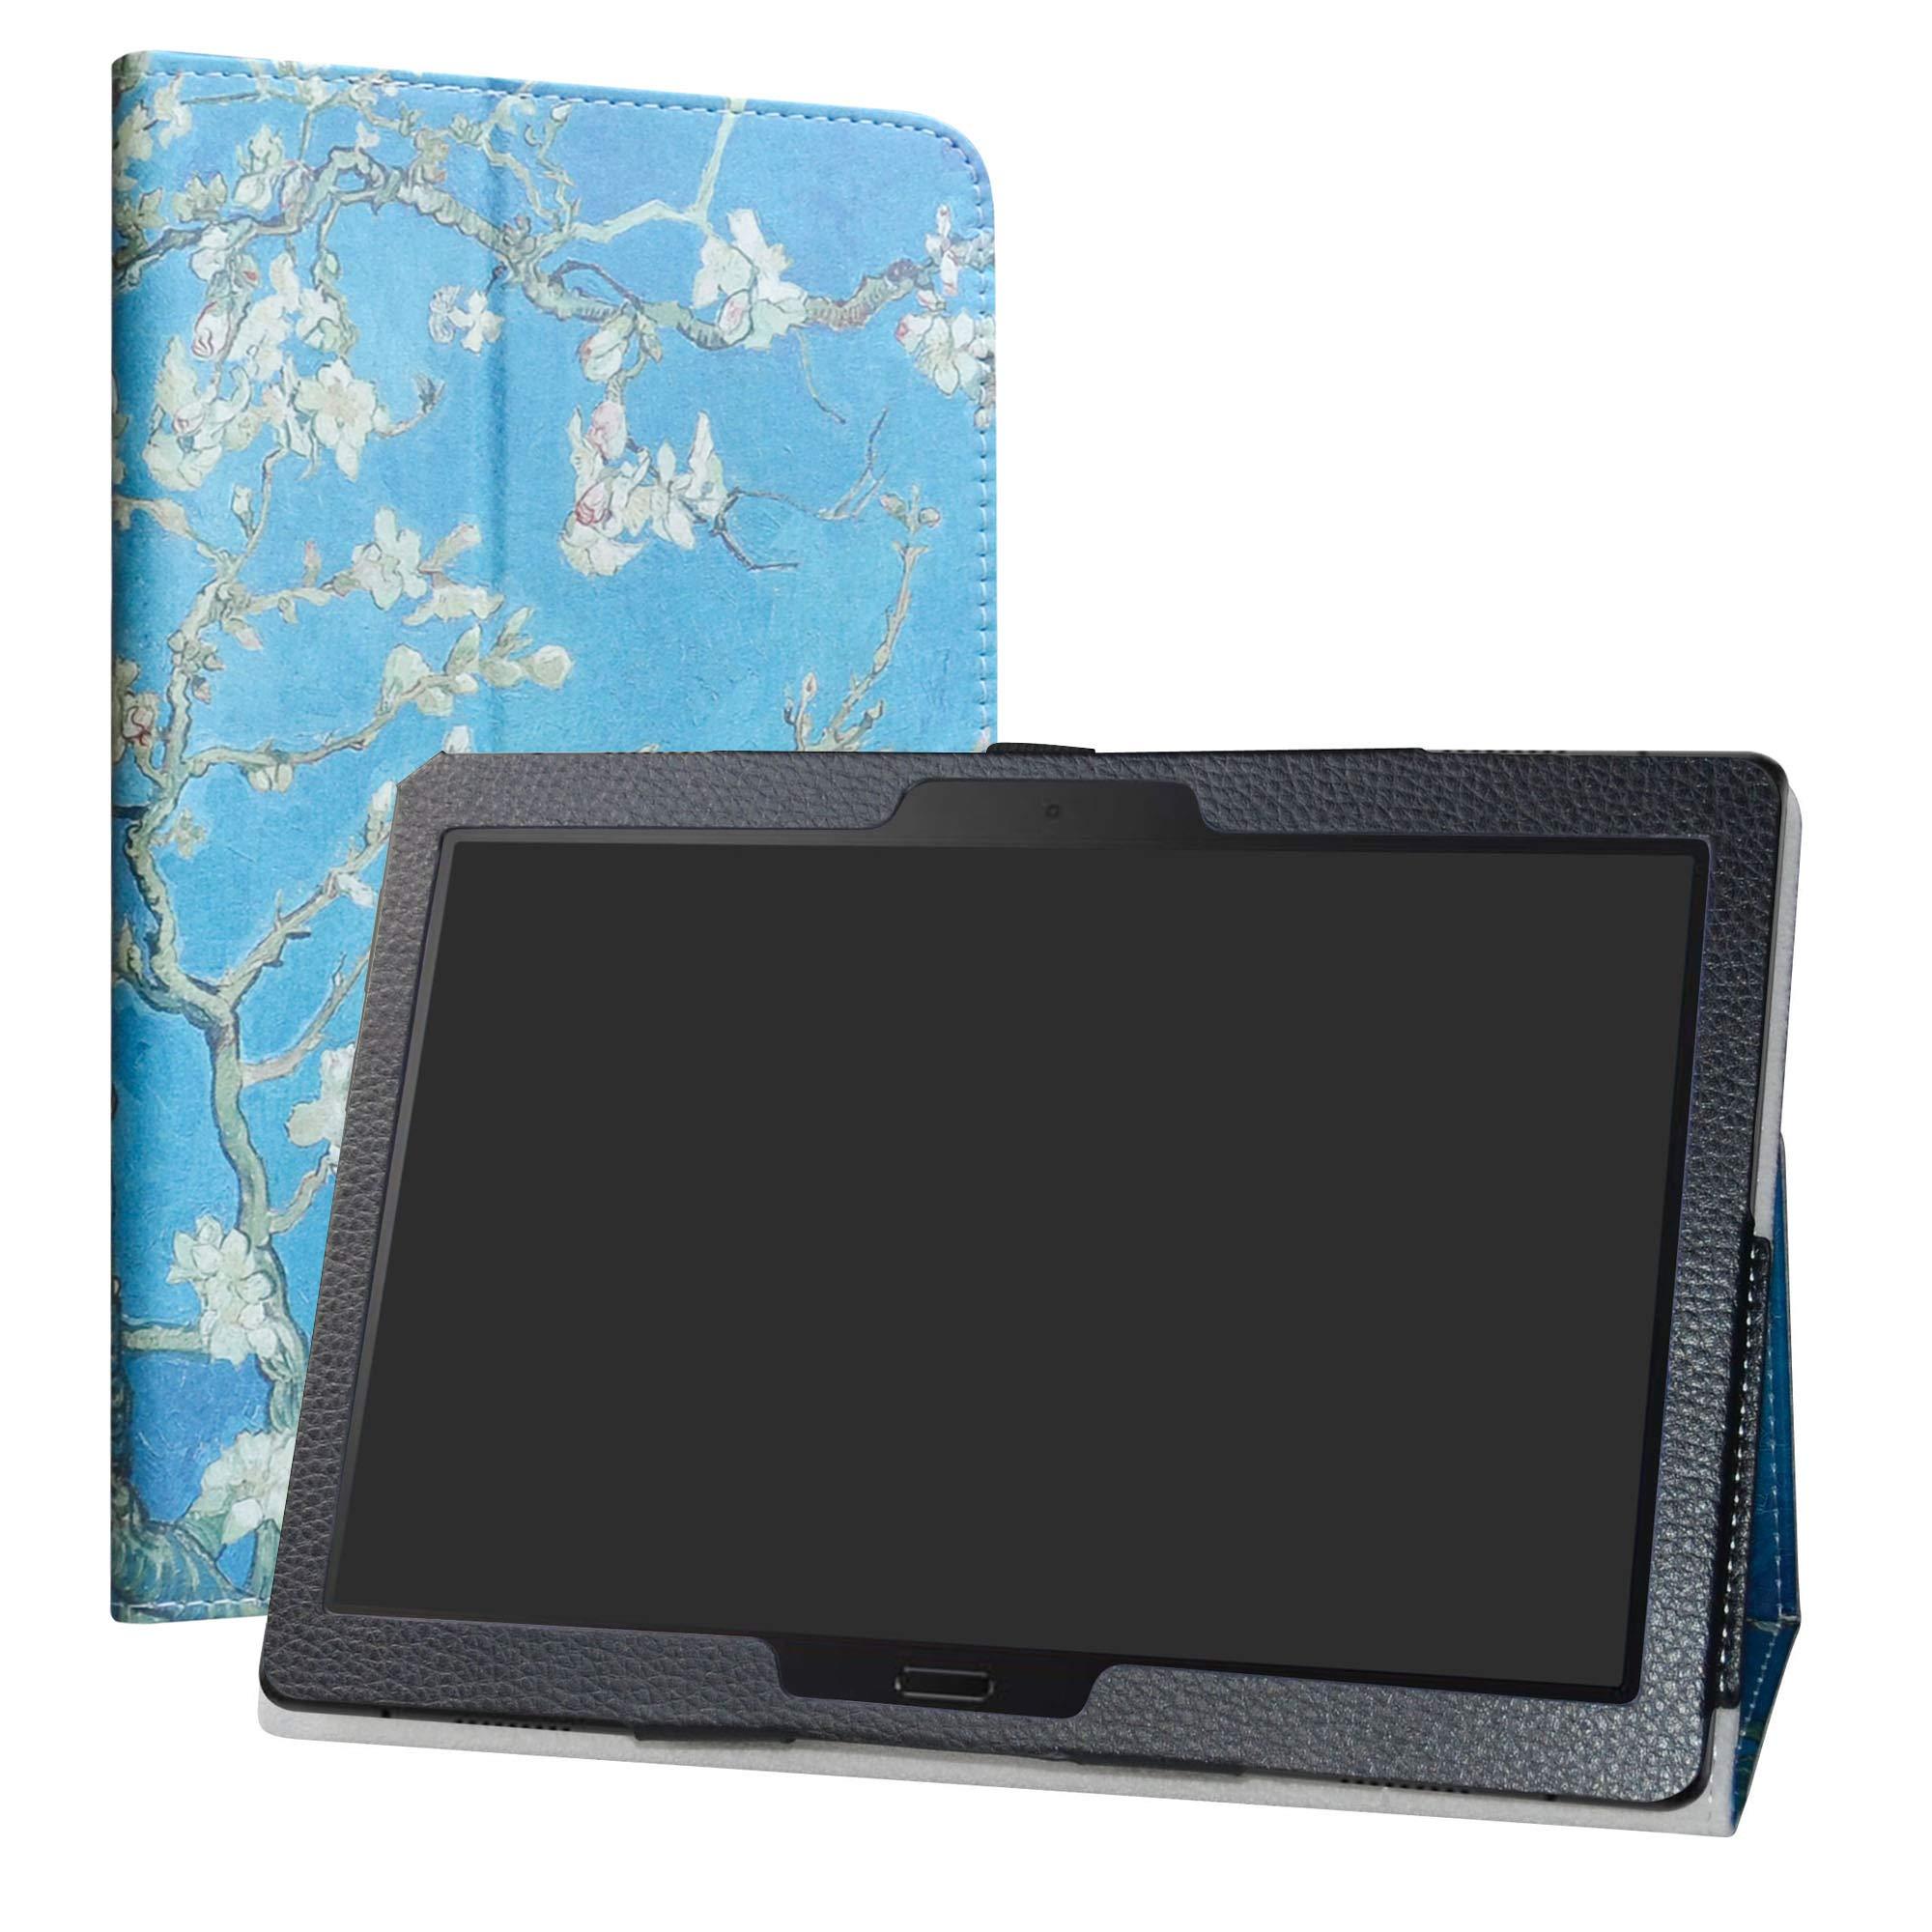 Funda Para Tablet Lenovo Tab P10/m10 Liushan [7l3f8h3s]